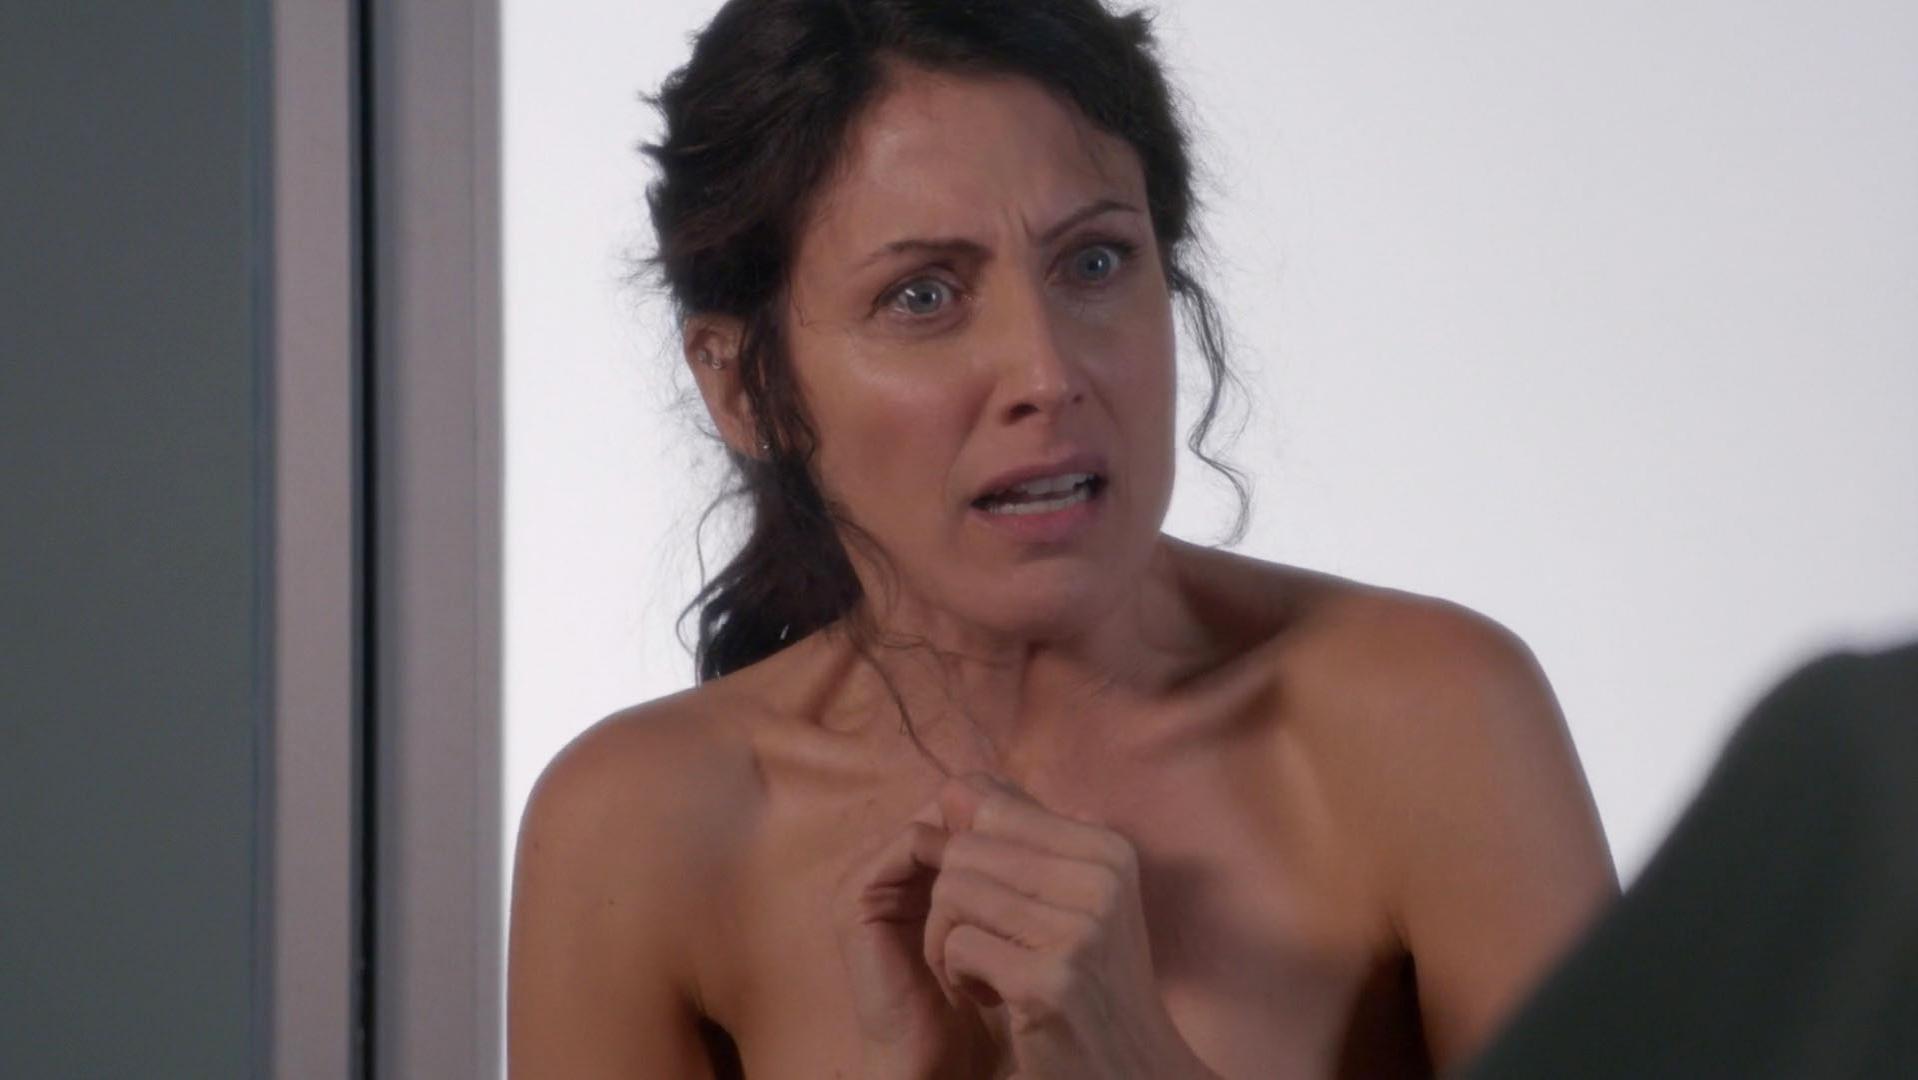 lisa naked and sexy